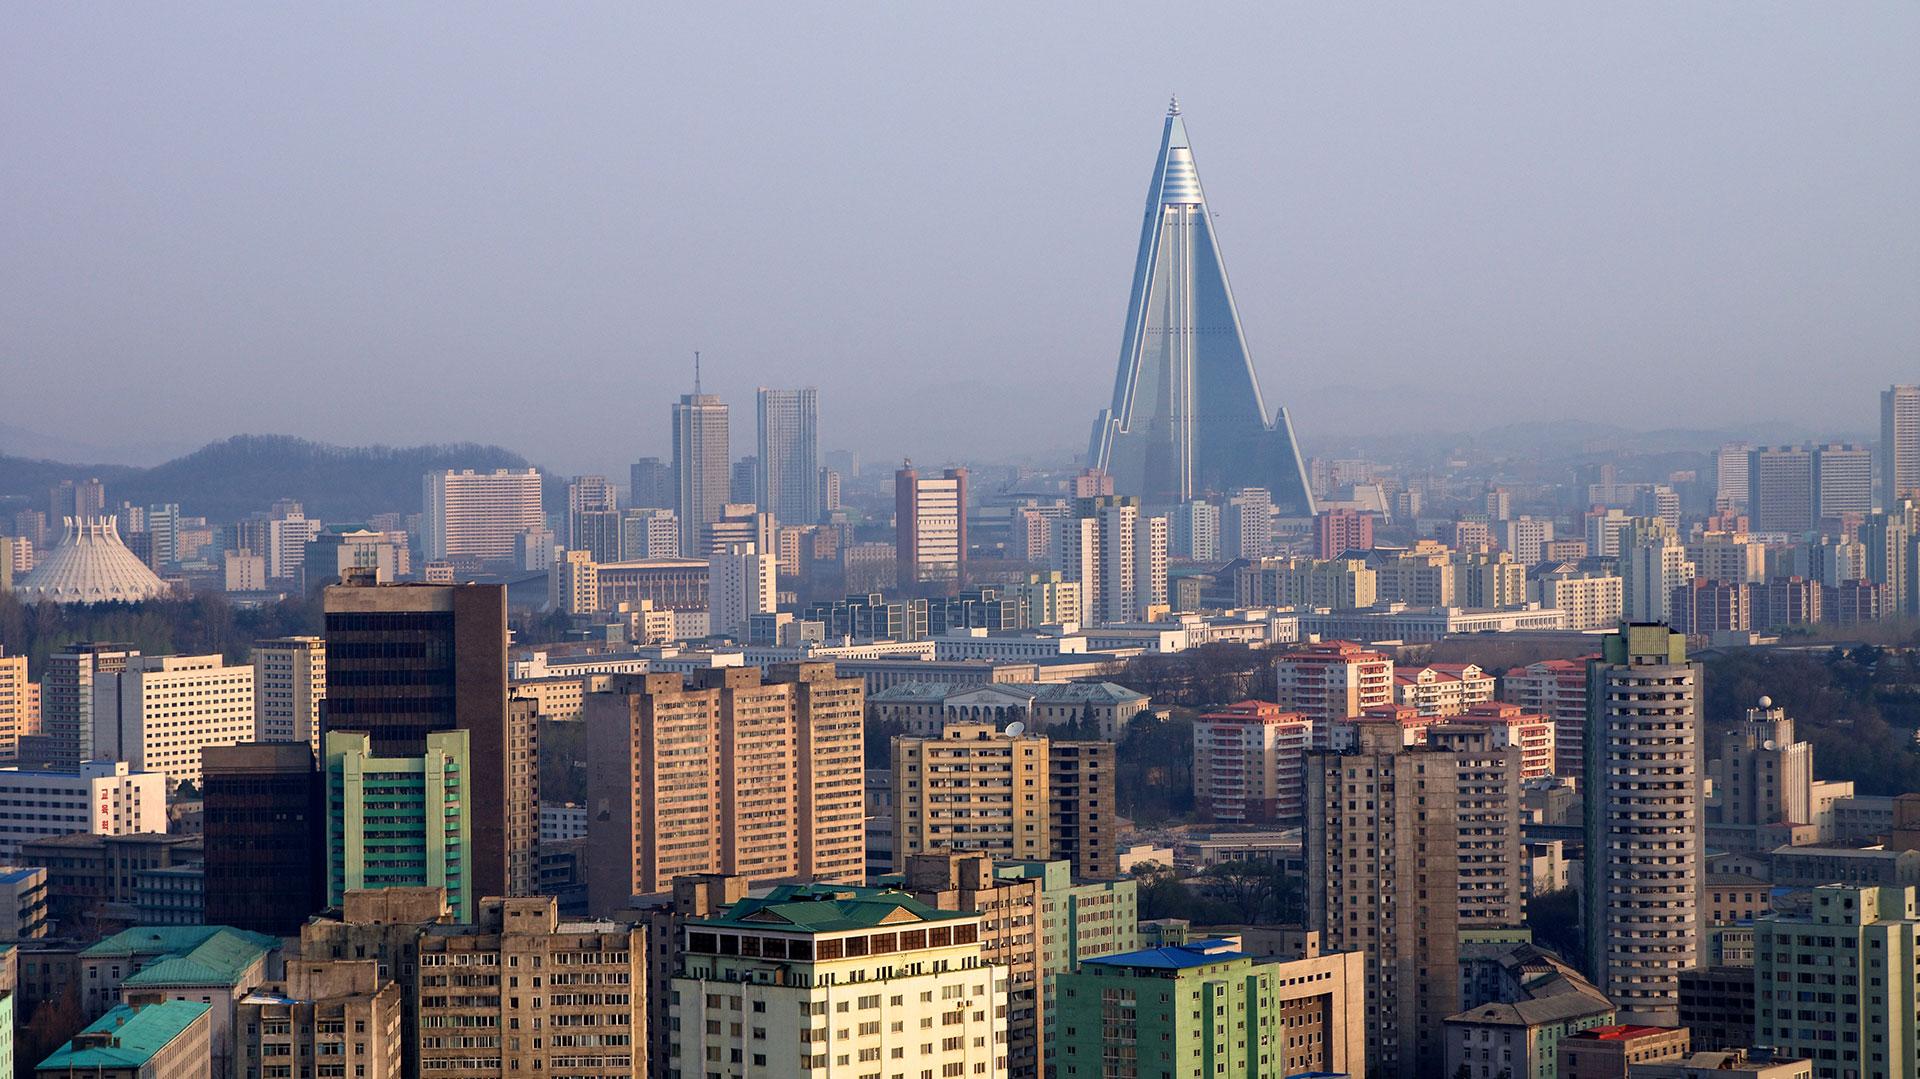 El Hotel Ryugyong, la estructura más alta de Corea del Norte, comenzó a construirse en 1987 y finalizó en 2011